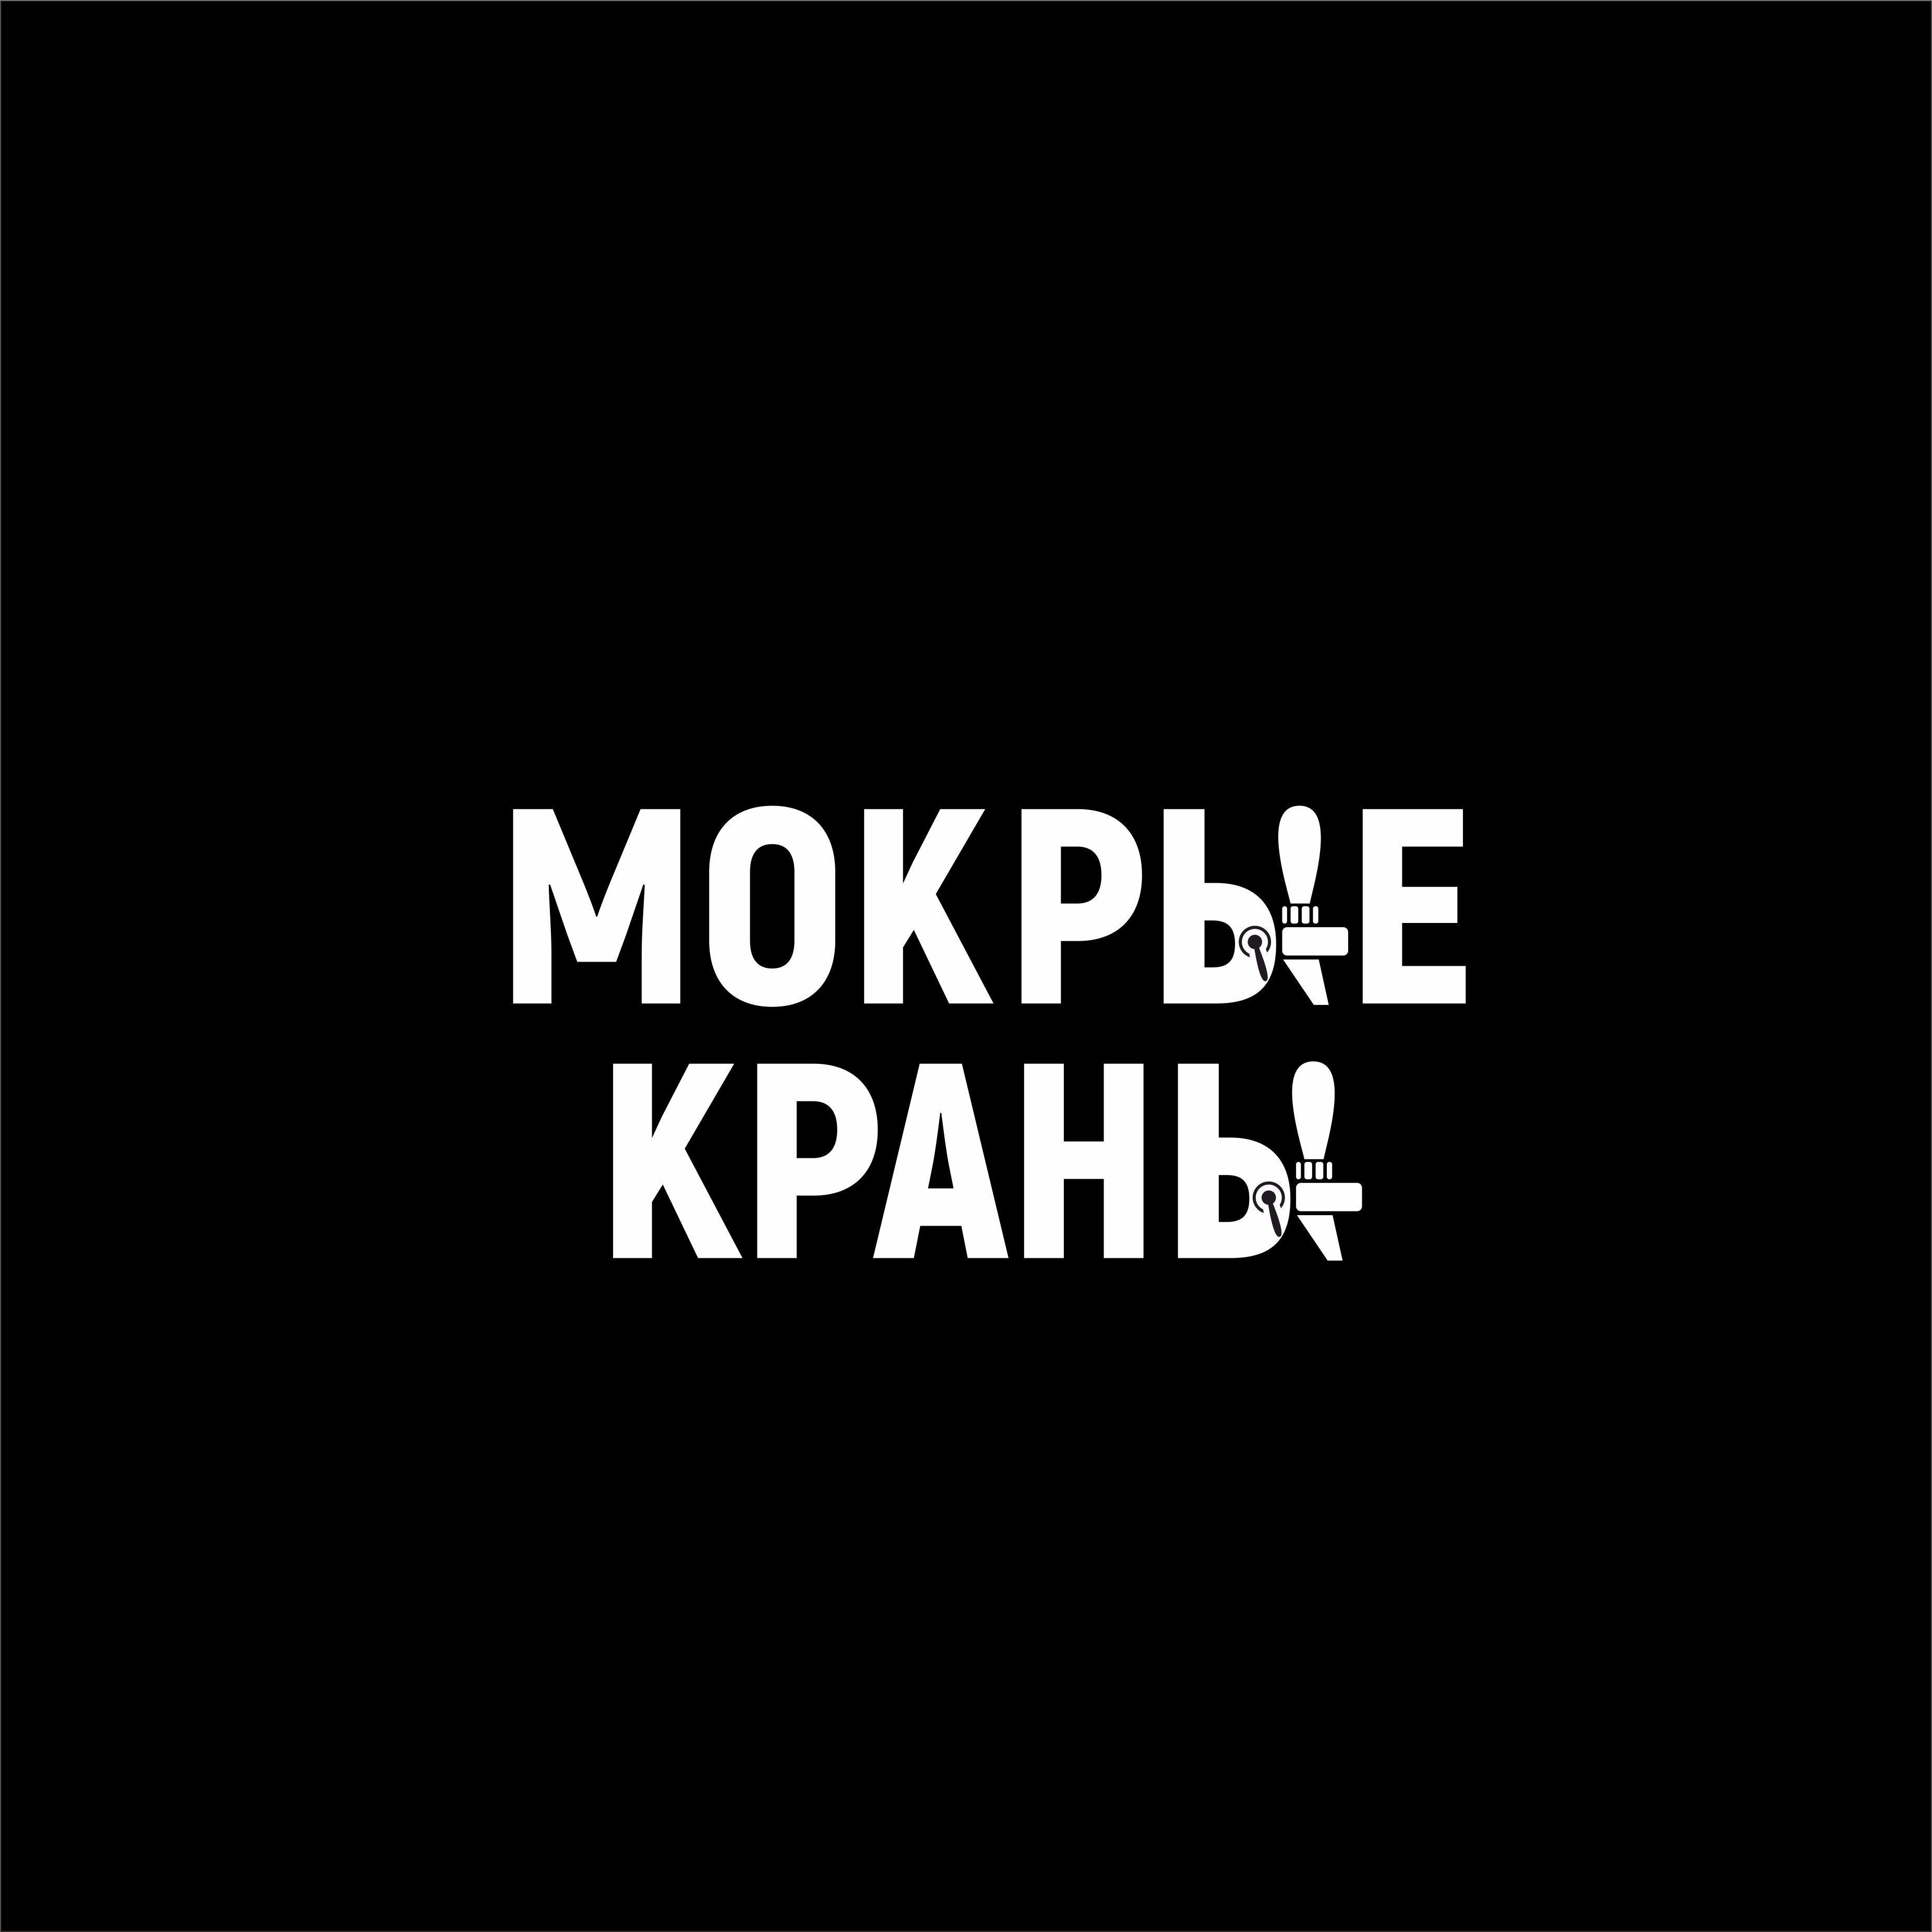 Вывеска/логотип для пивного магазина фото f_279602022a5e8457.jpg